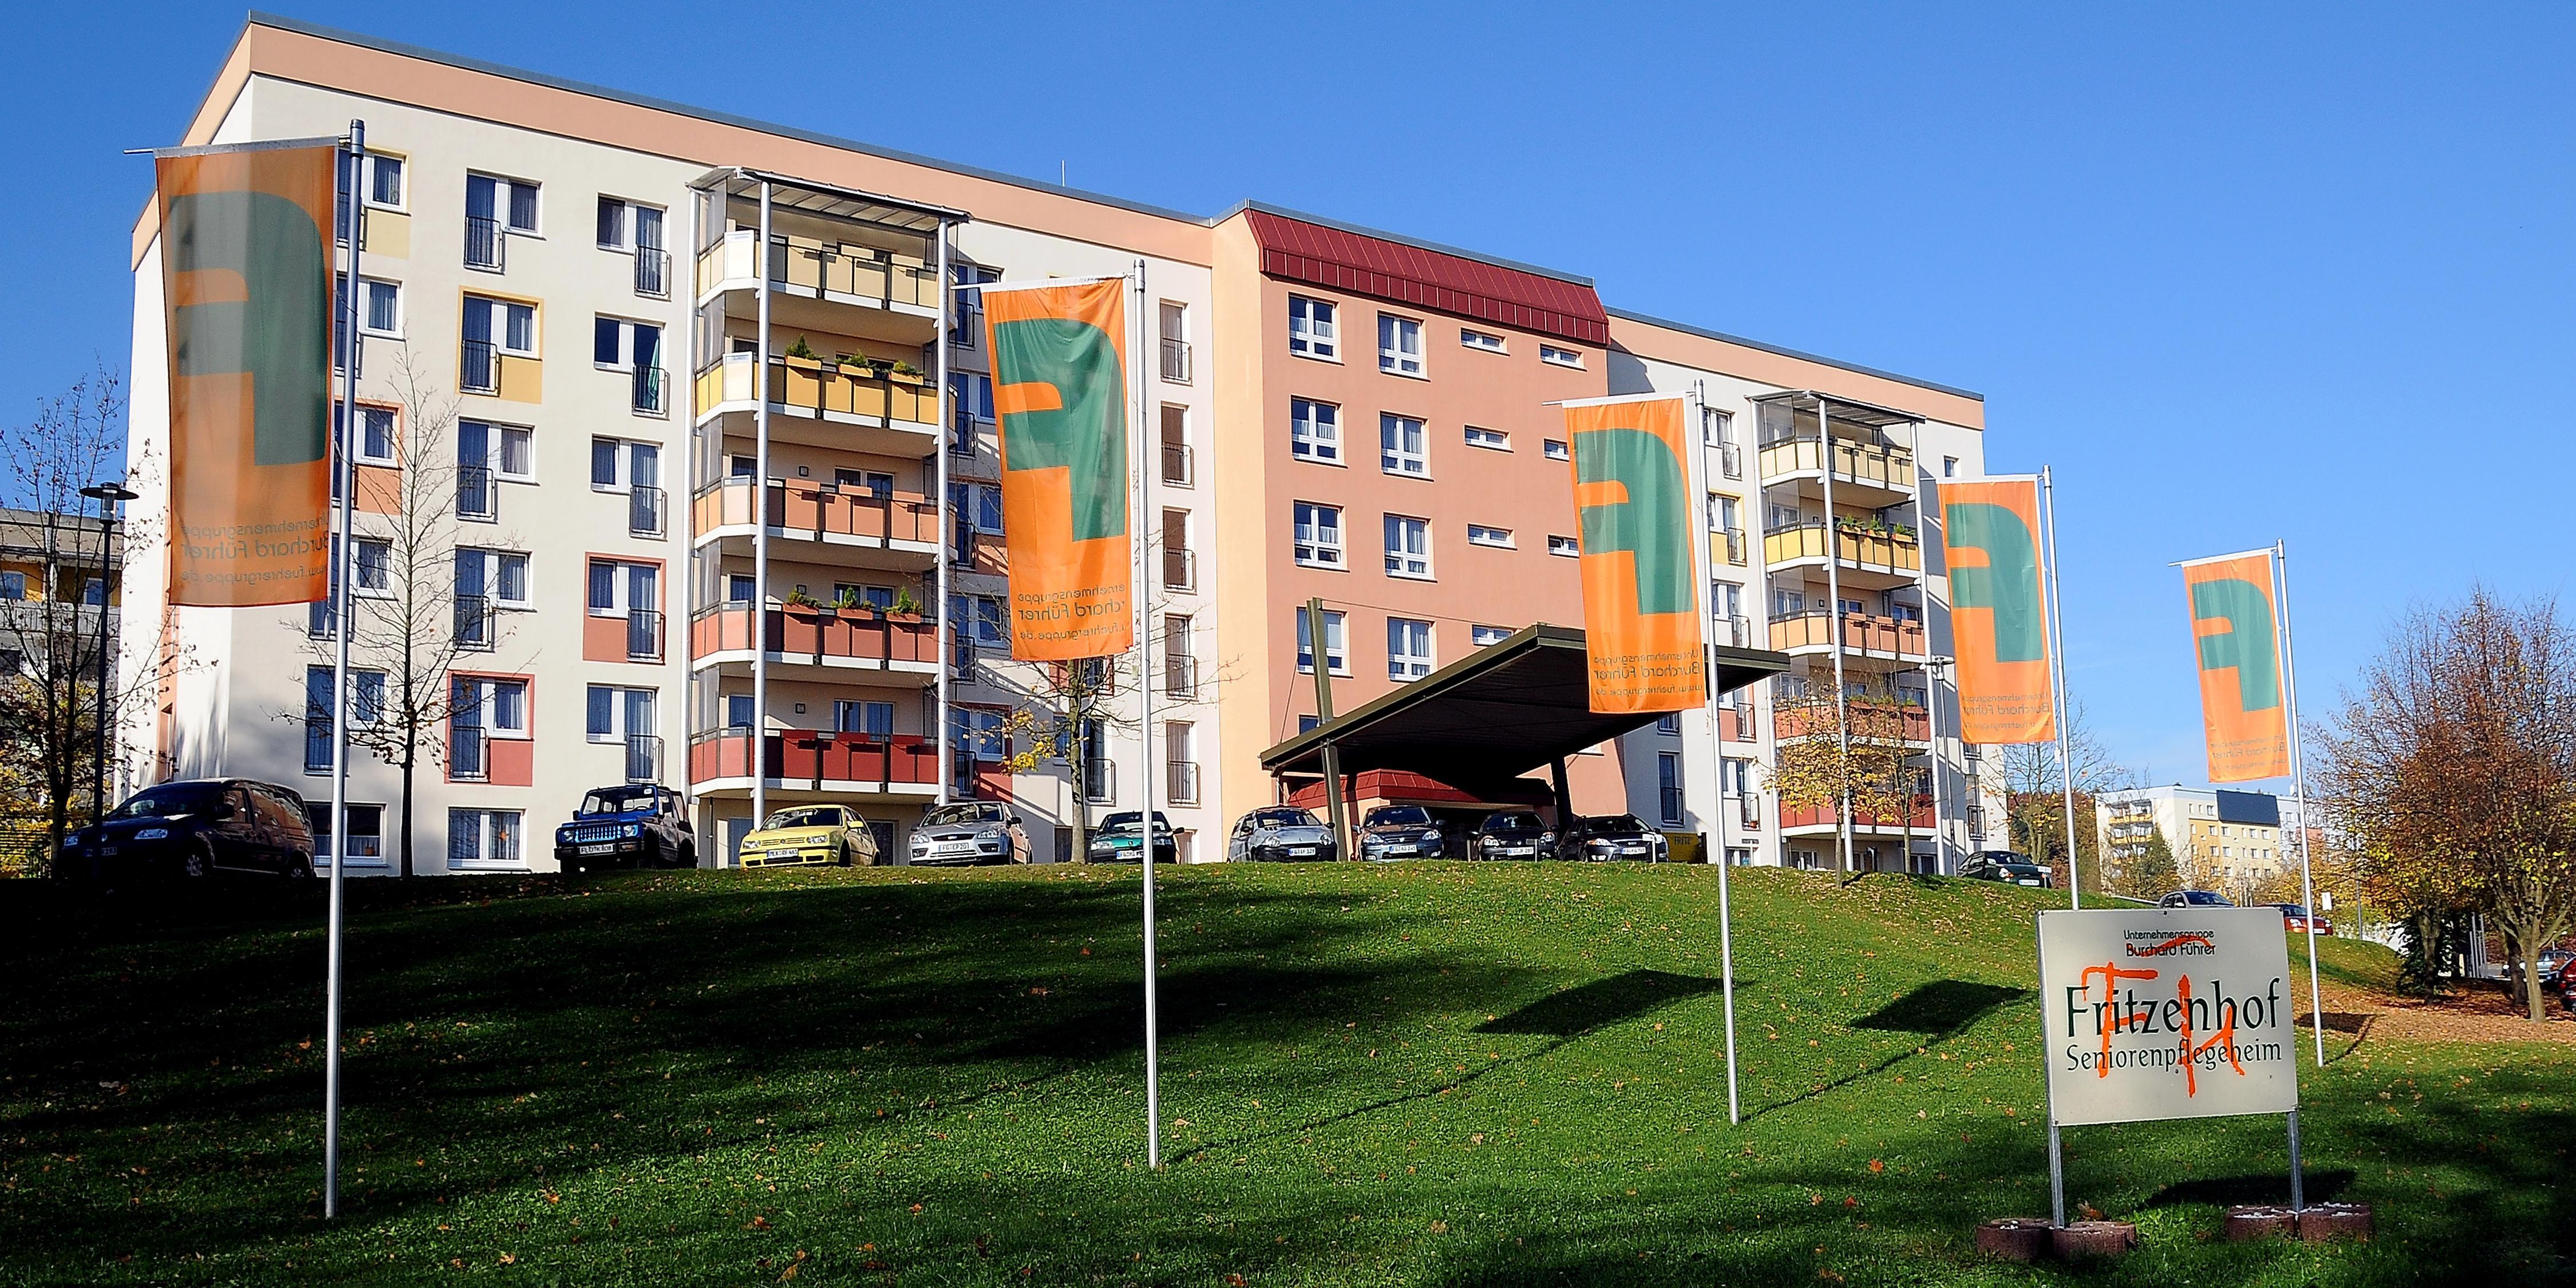 Fritzenhof Seniorenpflegeheim